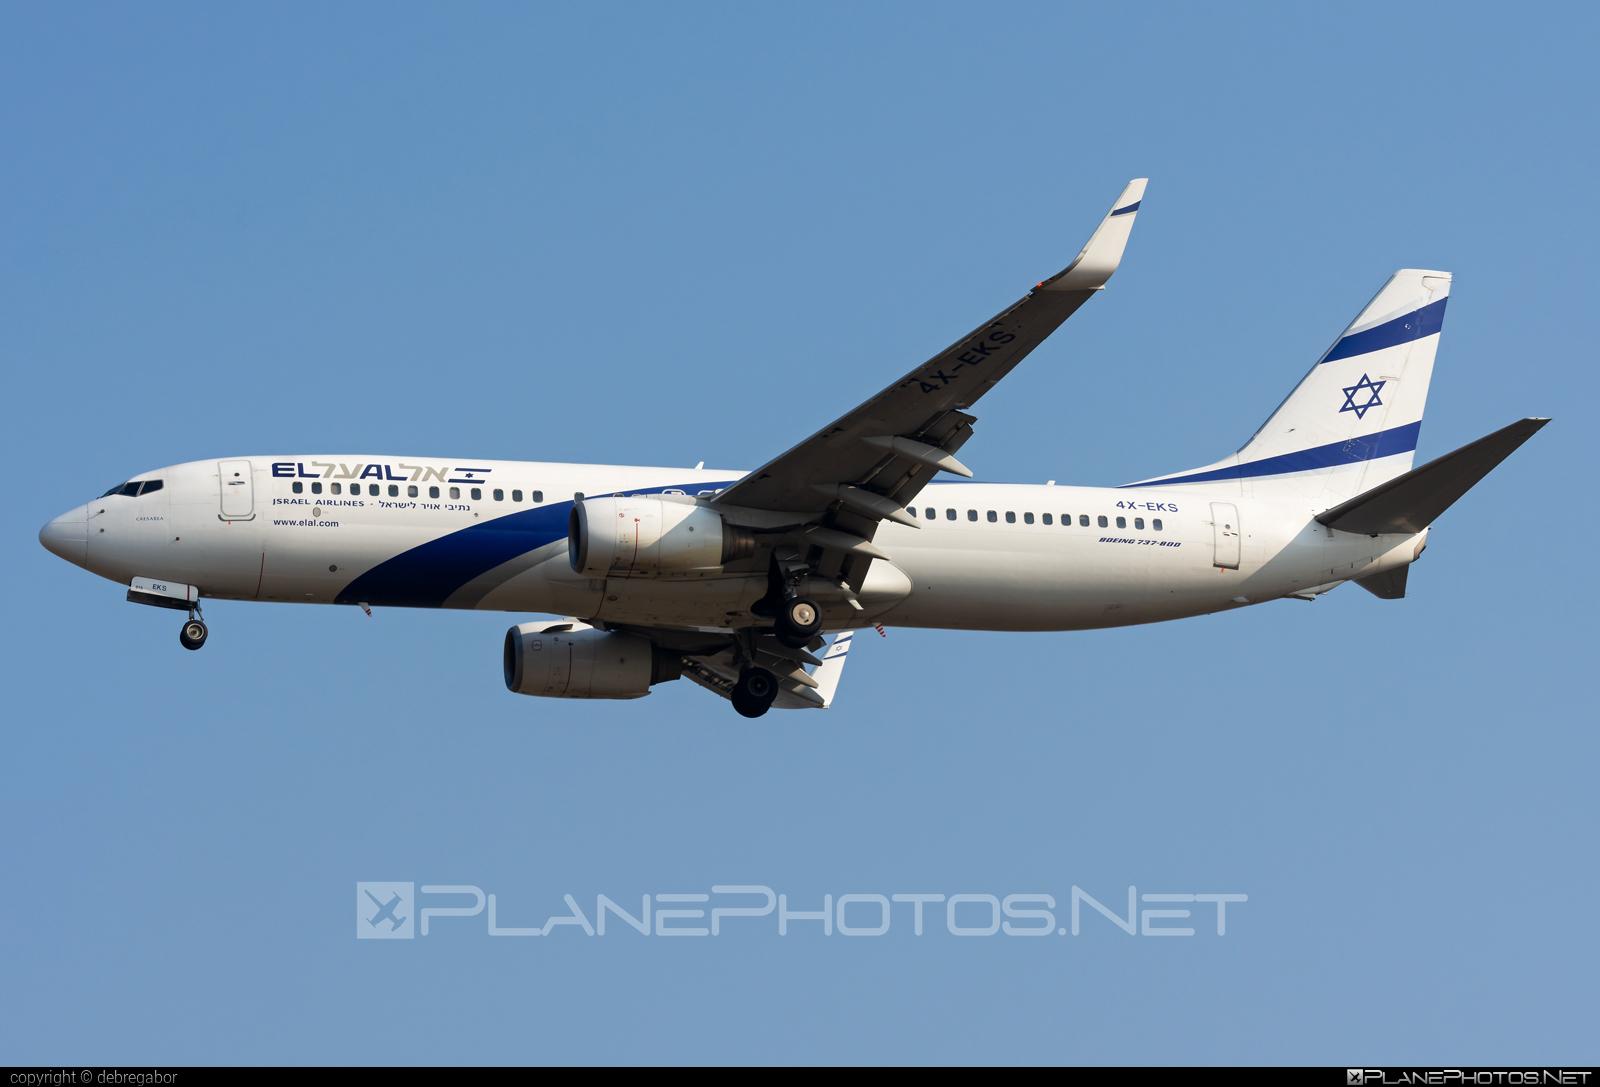 Boeing 737-800 - 4X-EKS operated by El Al Israel Airlines #b737 #b737nextgen #b737ng #boeing #boeing737 #elal #elalisraelairlines #israelairlines